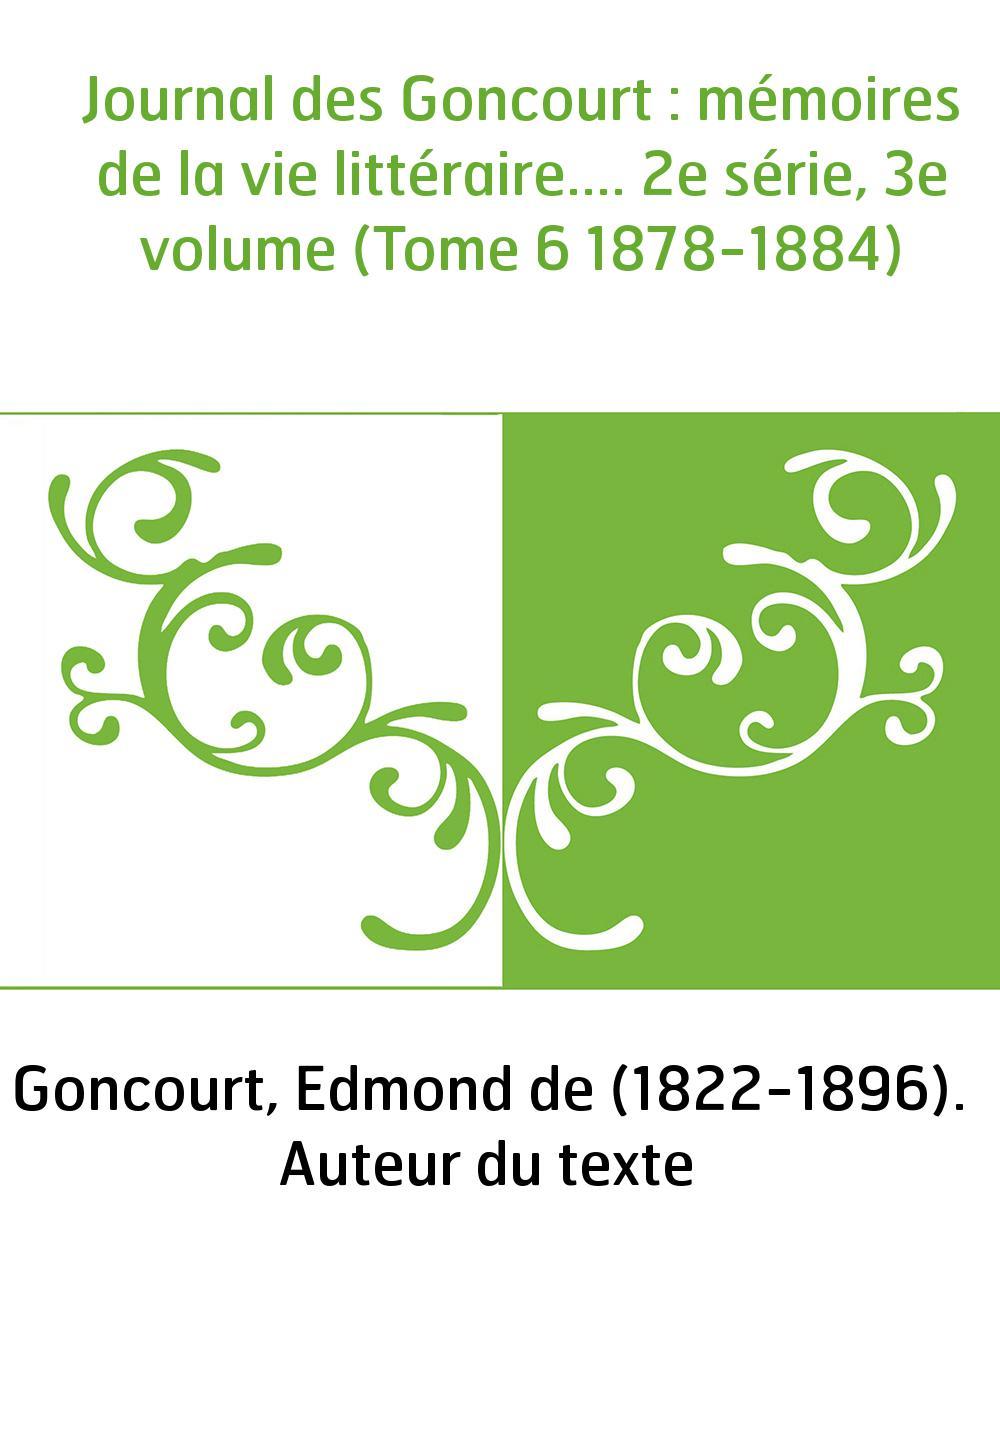 Journal des Goncourt : mémoires de la vie littéraire.... 2e série, 3e volume (Tome 6 1878-1884)